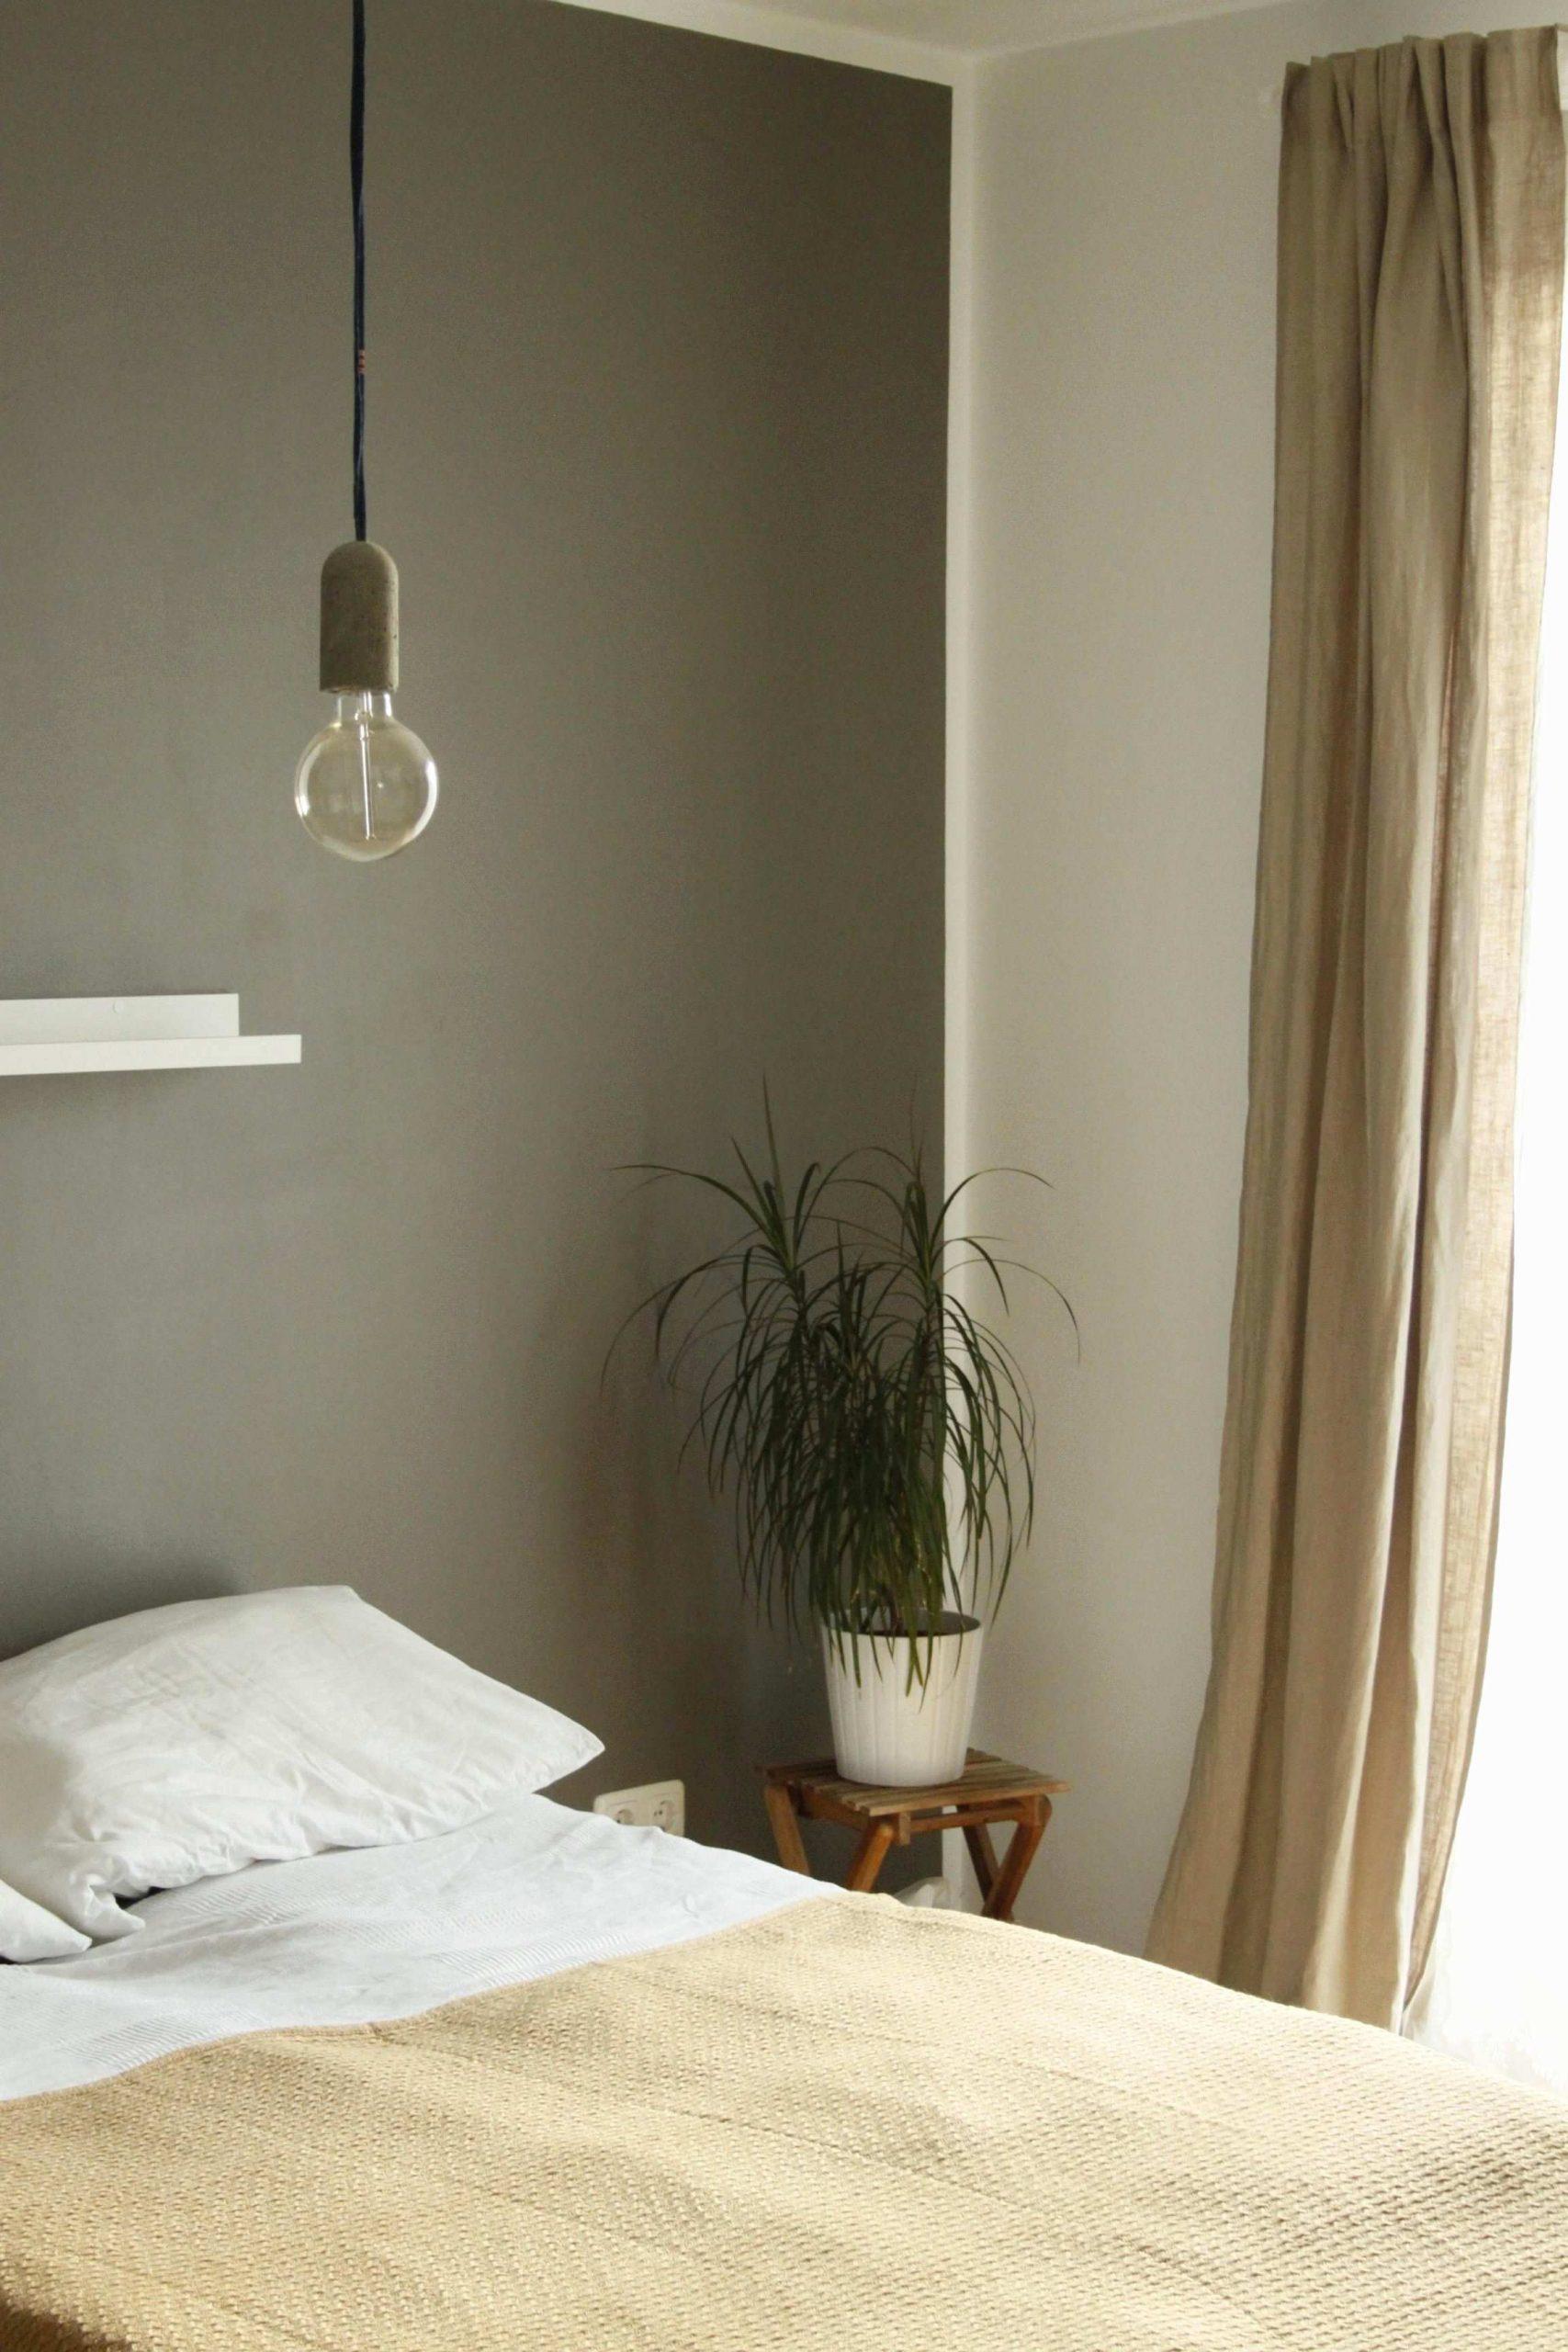 Full Size of Deckenleuchten Schlafzimmer Ikea Designer Romantisch Amazon Obi Ebay Modern Led Design Schränke Komplett Weiß Günstig Set Deckenlampe Betten Günstige Poco Schlafzimmer Deckenleuchten Schlafzimmer